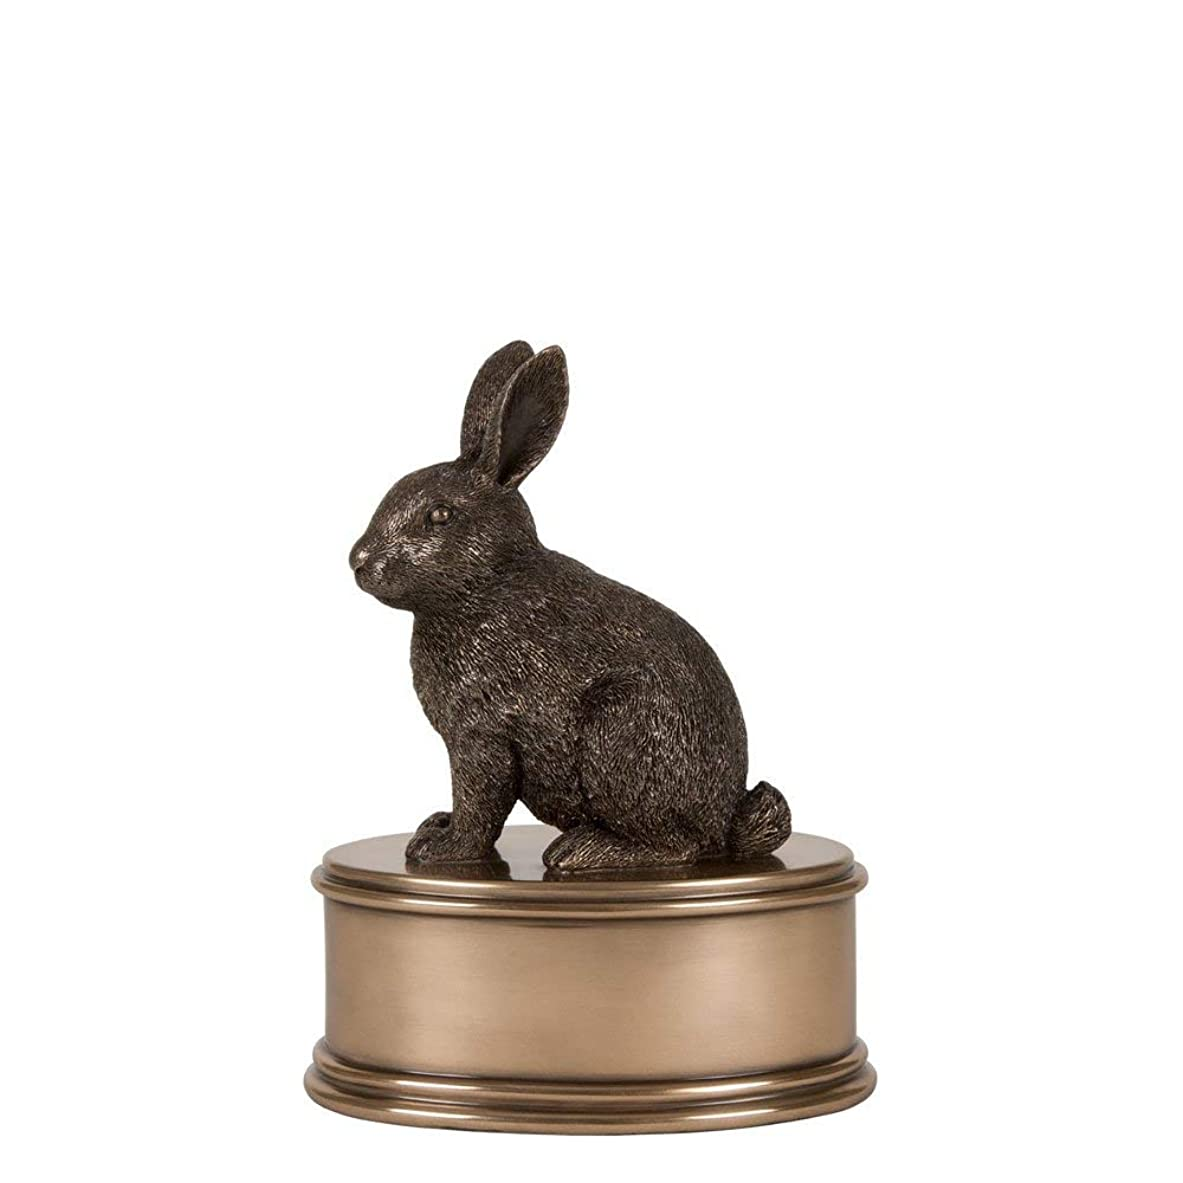 ワックス散歩に行く十分ですPerfect Memorials ウサギの置物火葬骨壺